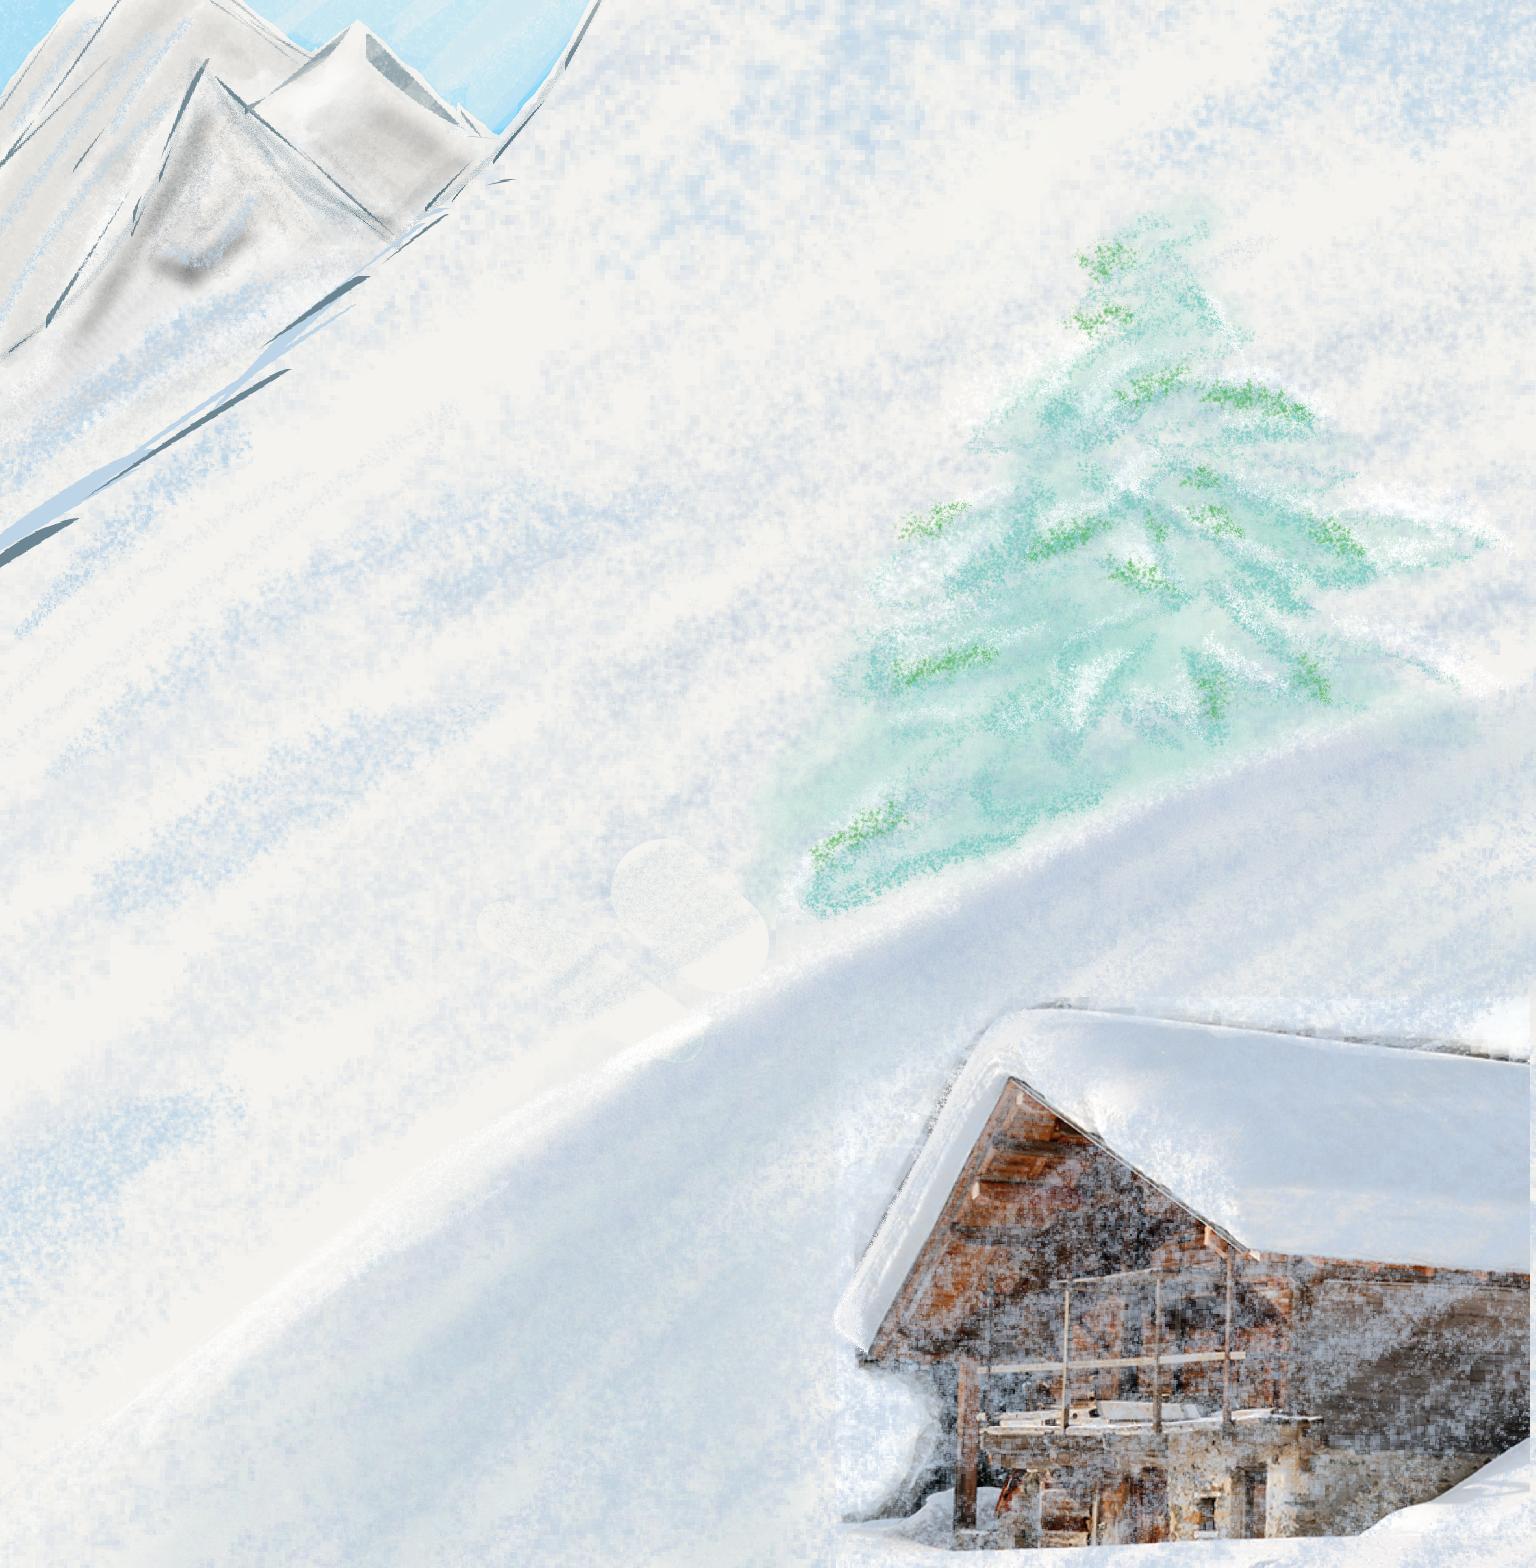 Dessin Chalet sous la neige de Noch38